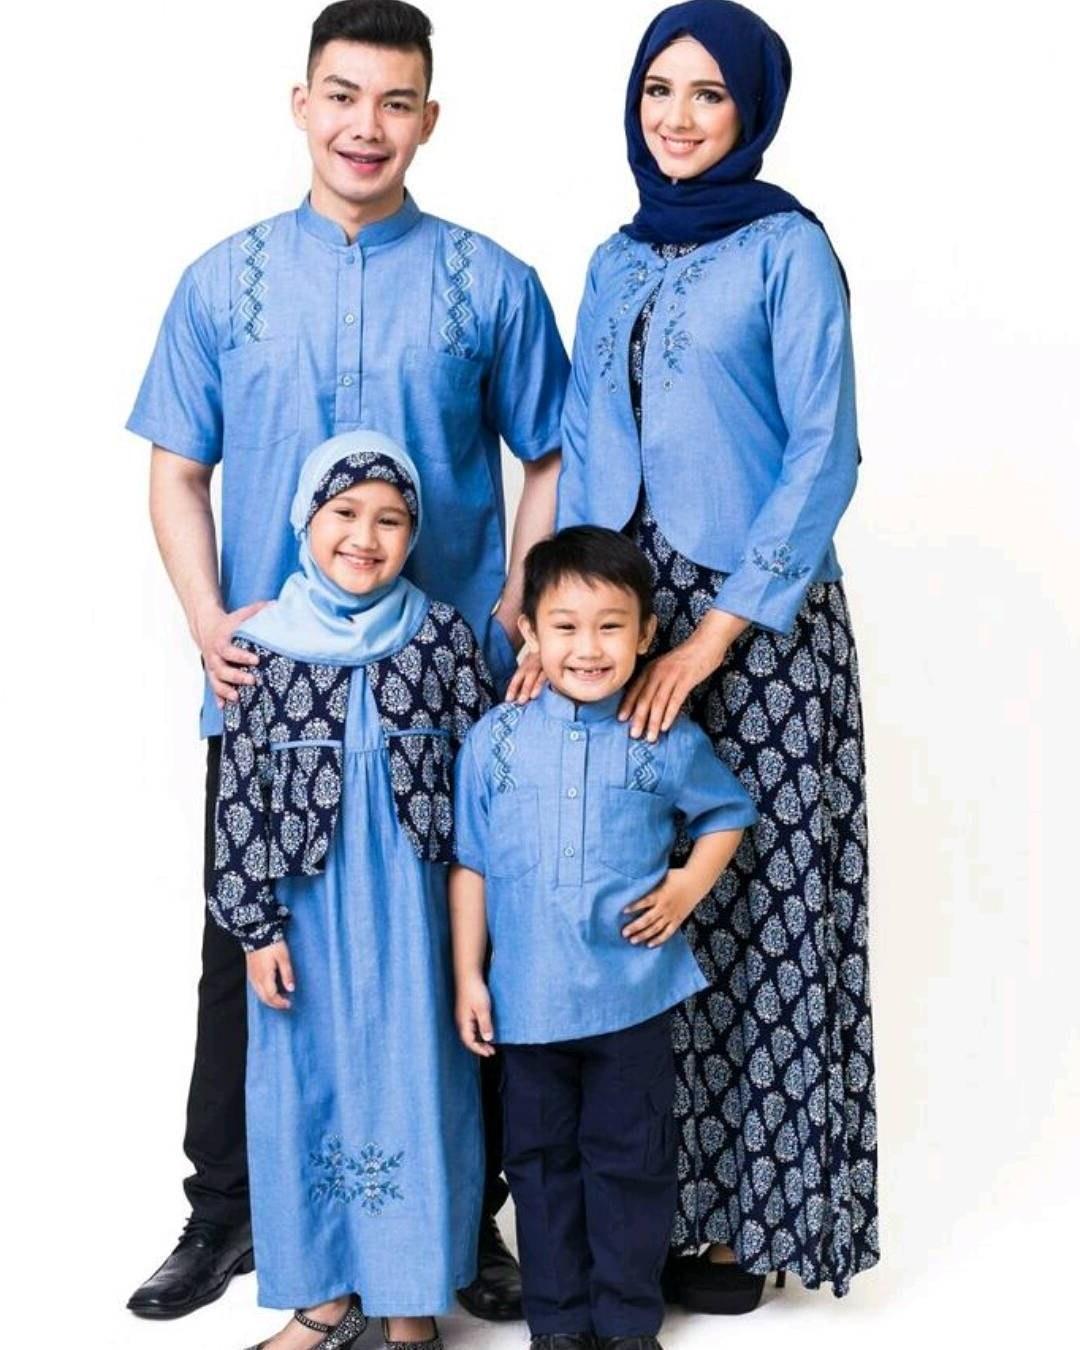 Bentuk Baju Lebaran Sarimbit 2018 S5d8 Model Baju Keluarga Untuk Hari Raya Lebaran 2018